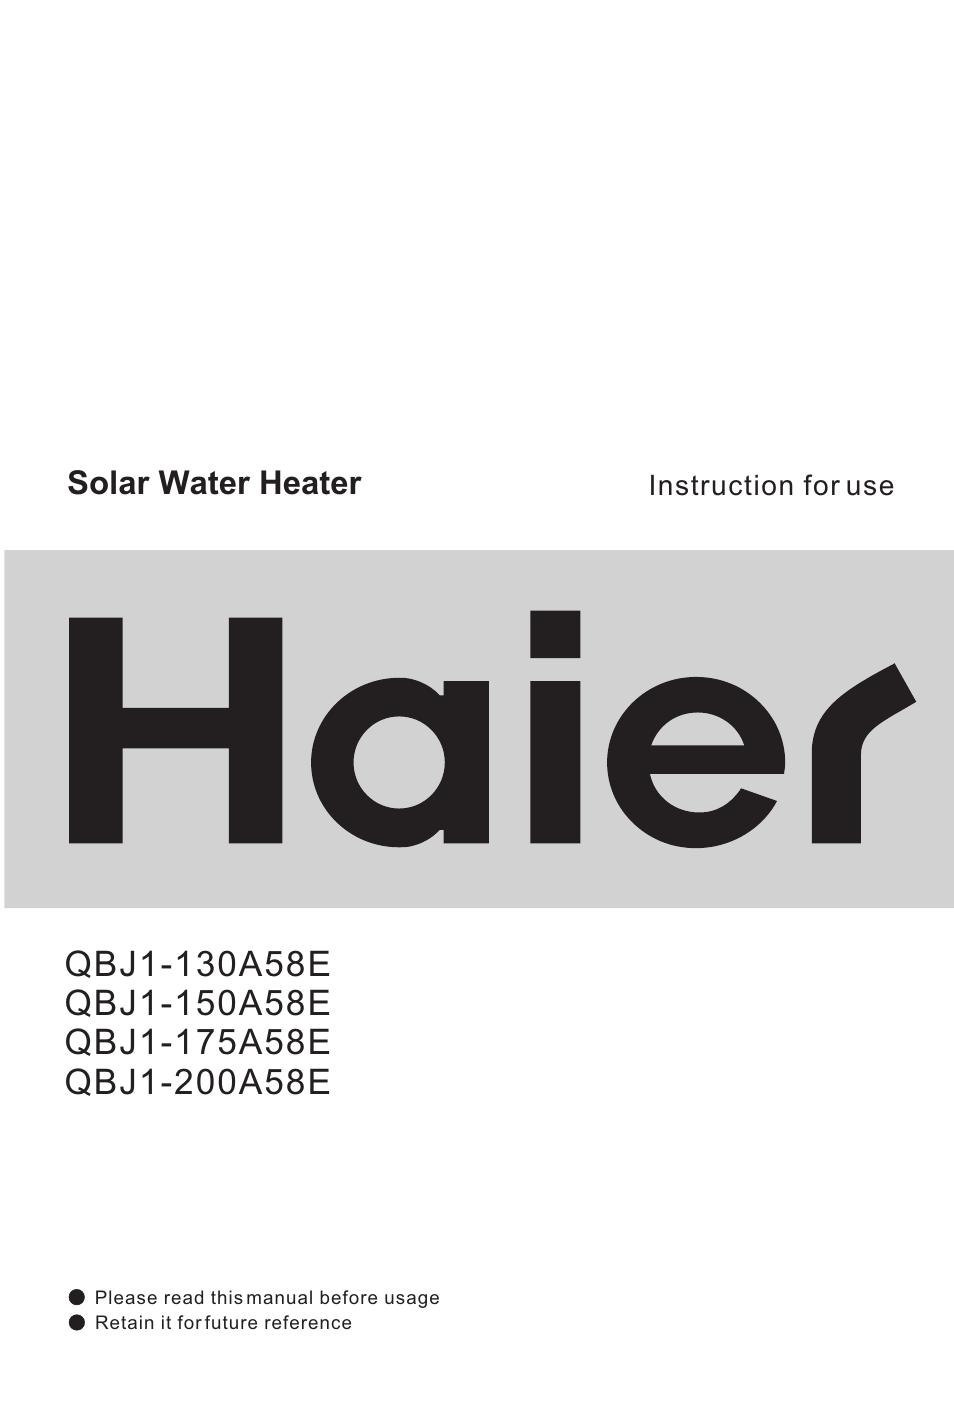 haier QBJ1-200A58E User Manual | 16 pages | Also for: QBJ1-130A58E, QBJ1-150A58E,  QBJ1-175A58E